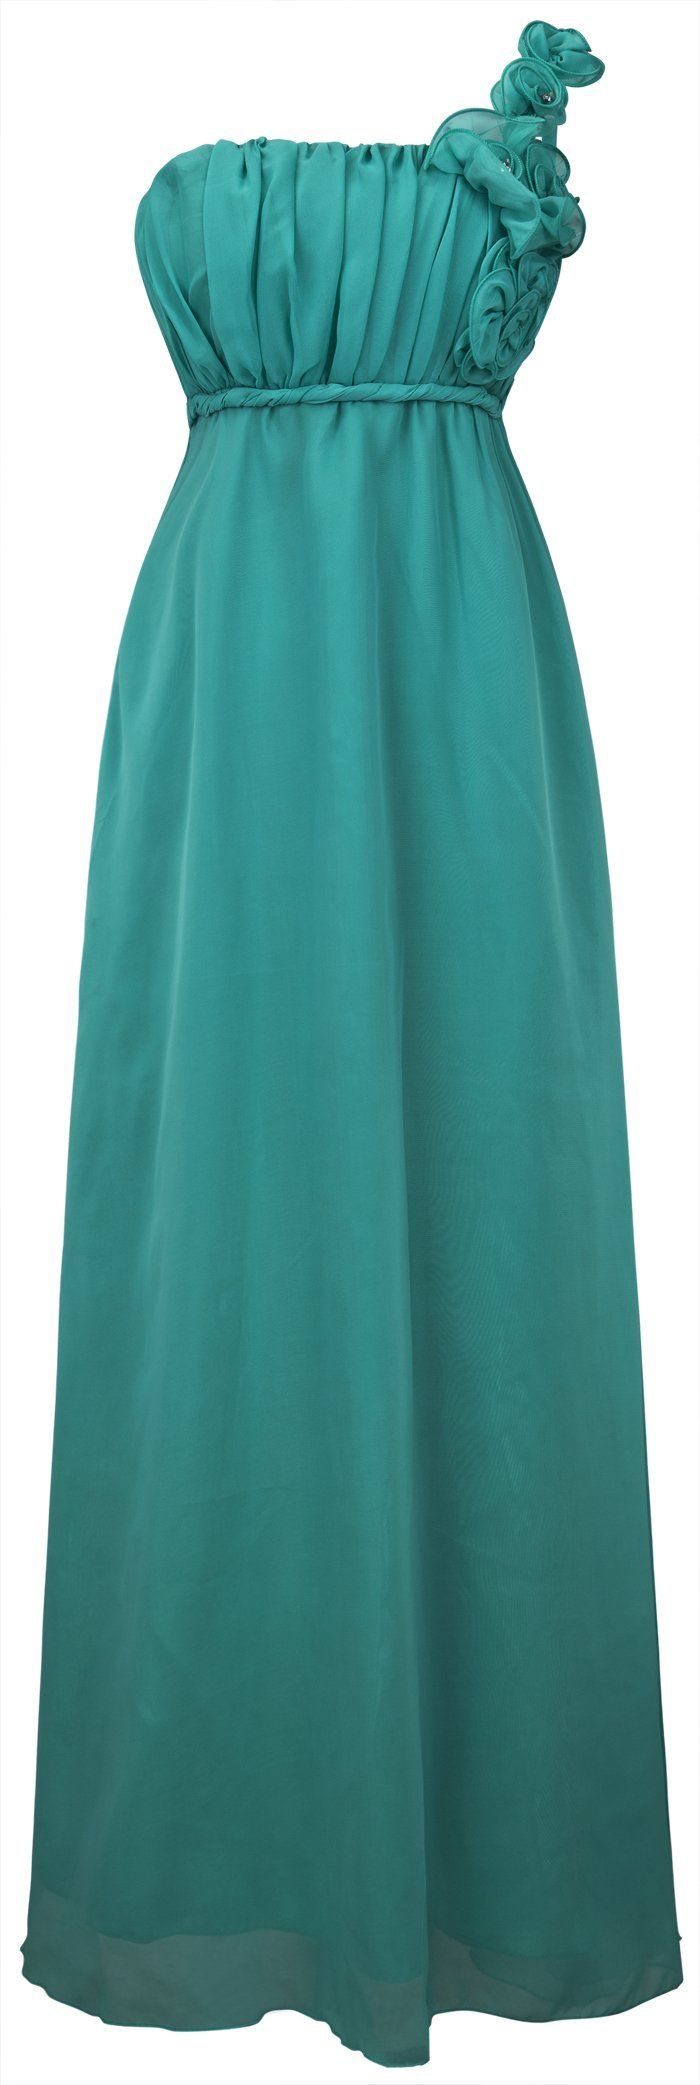 Angel-fashions Damen Floral One-Shoulder-Ruschen Brautjungfer Abendkleid: Amazon.de: Bekleidung